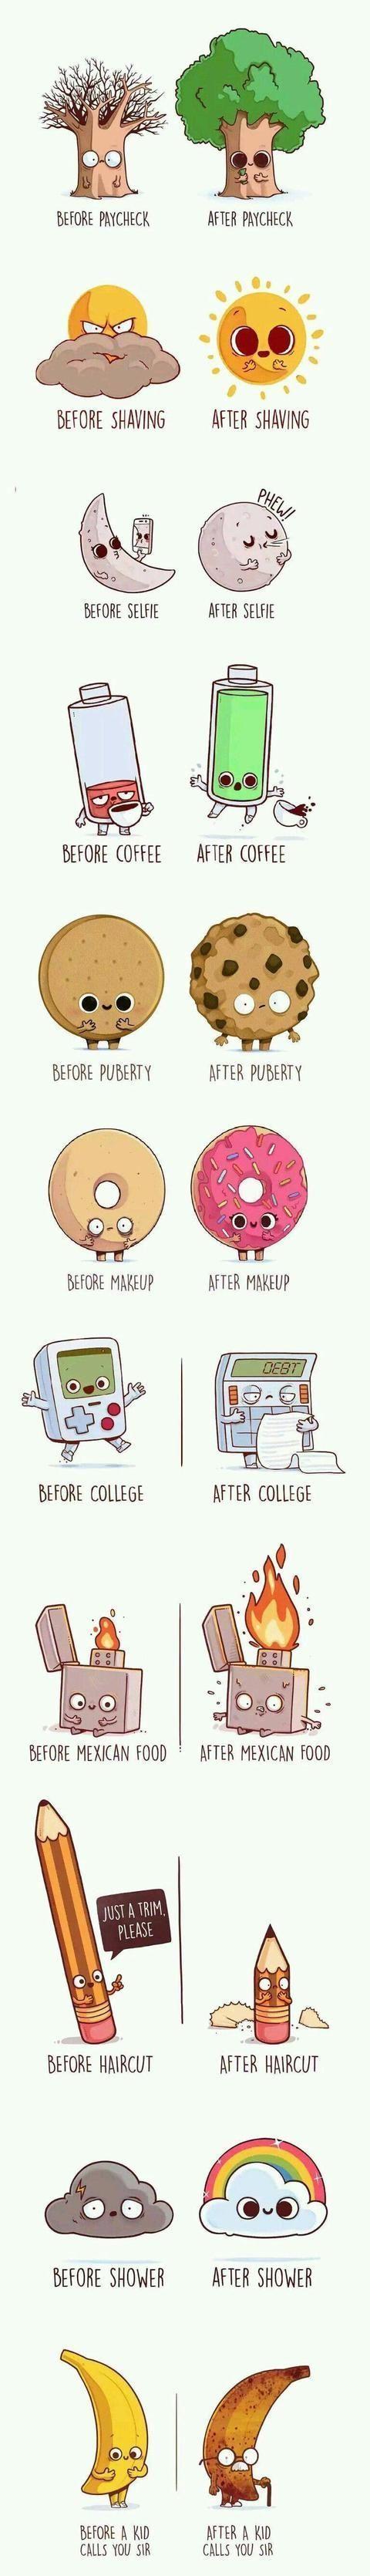 Vor und nach 😂😂 – Humor –  Vor und nach 😂😂 – Humor The Effective P…